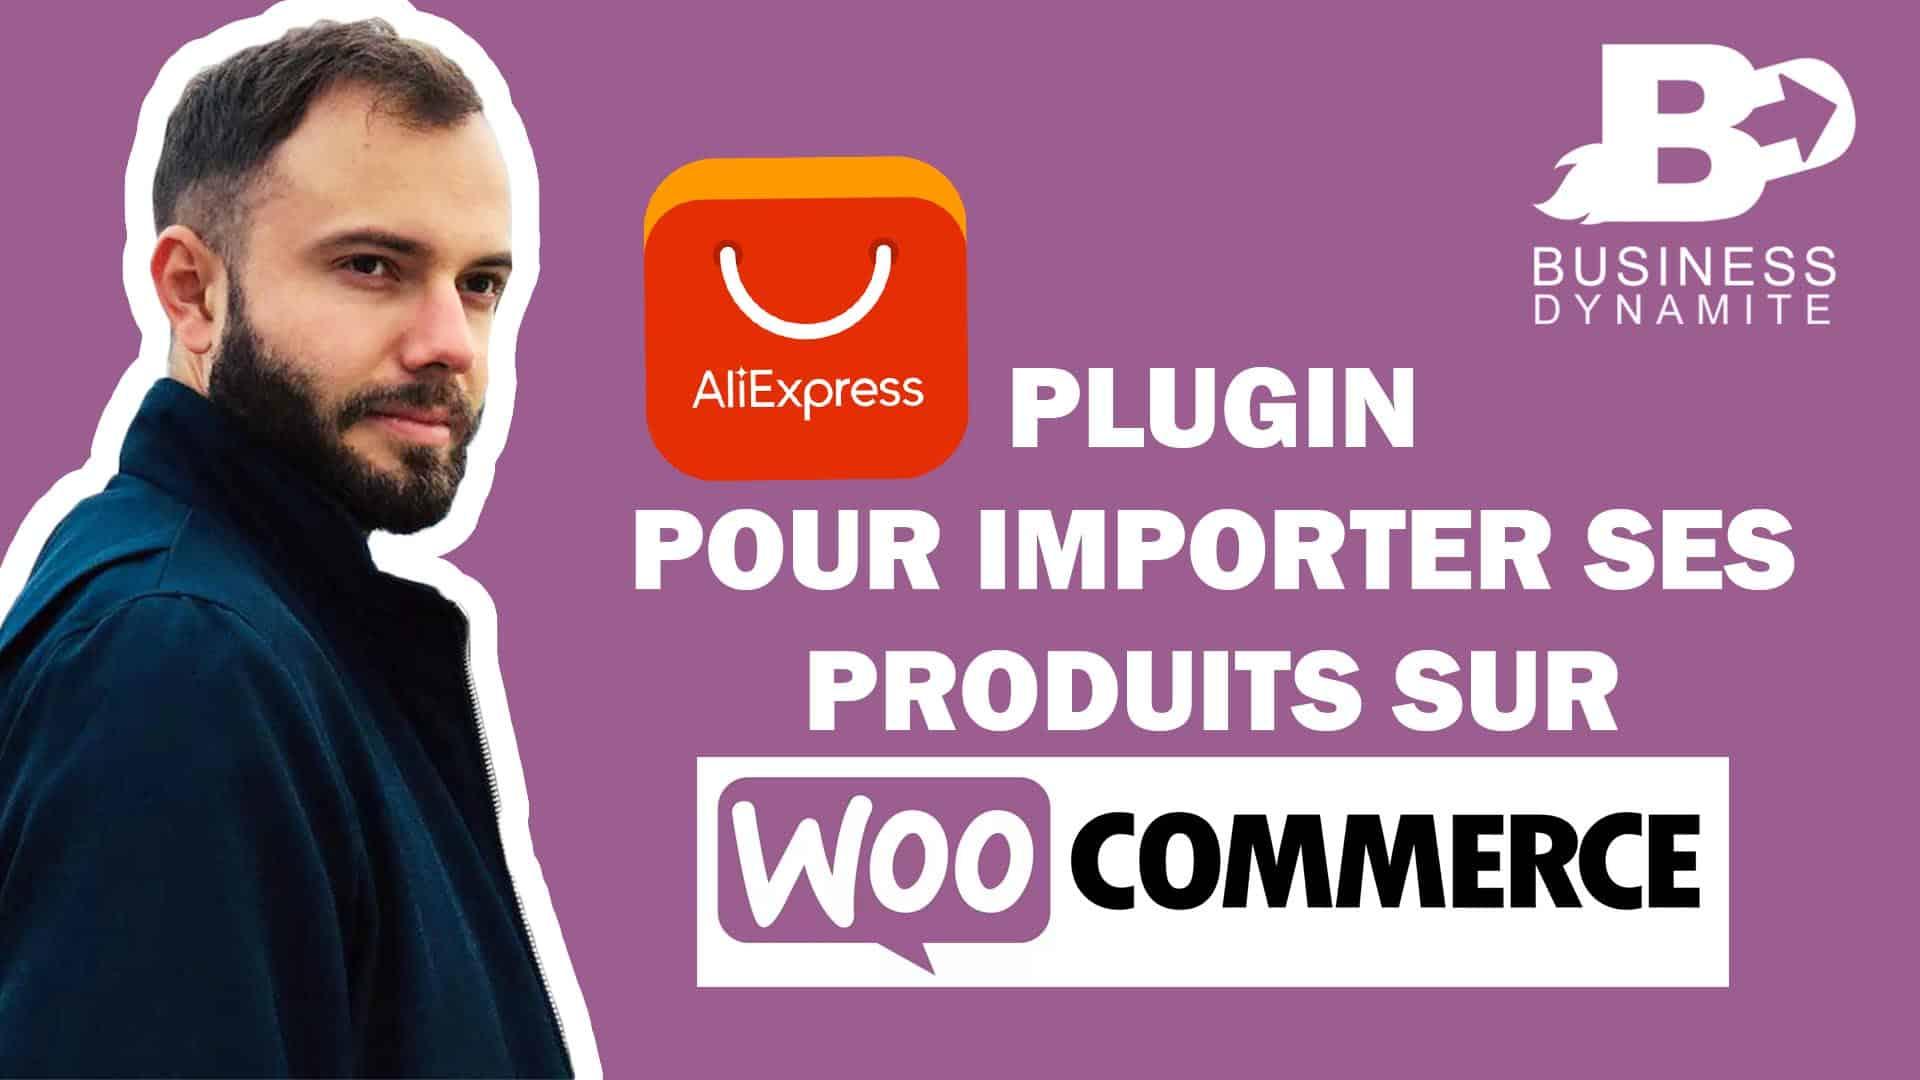 Un formateur est en train d'importer des produits d'aliexpress sur wordpress avec woocommerce en utilisant un plugin ou extension comme alidropship ou esuzy. C'est comme oberlo !